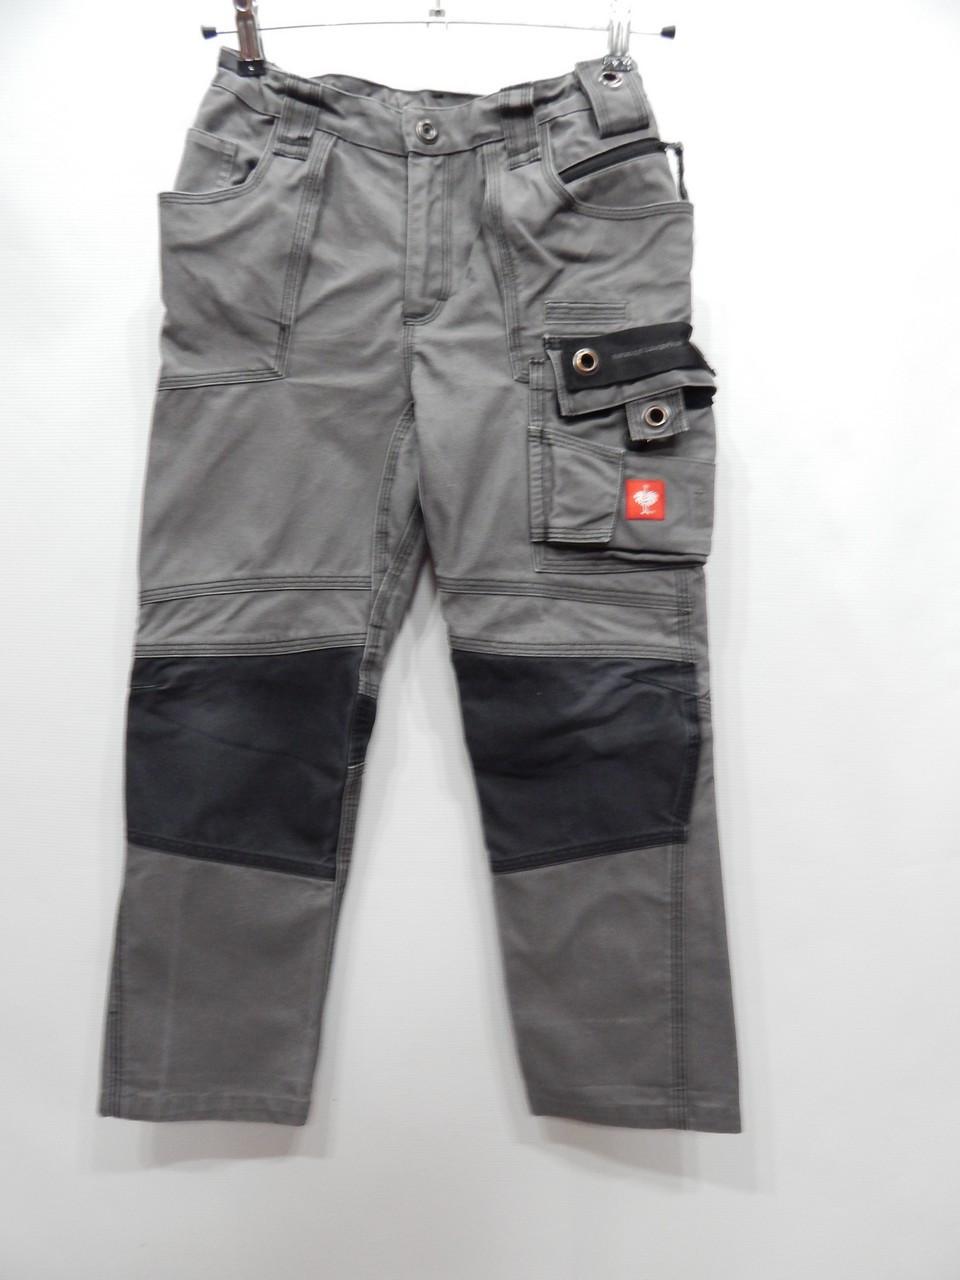 Джинси-брюки робочі для хлопчика engelbert strause ріст 134-140, 043GM